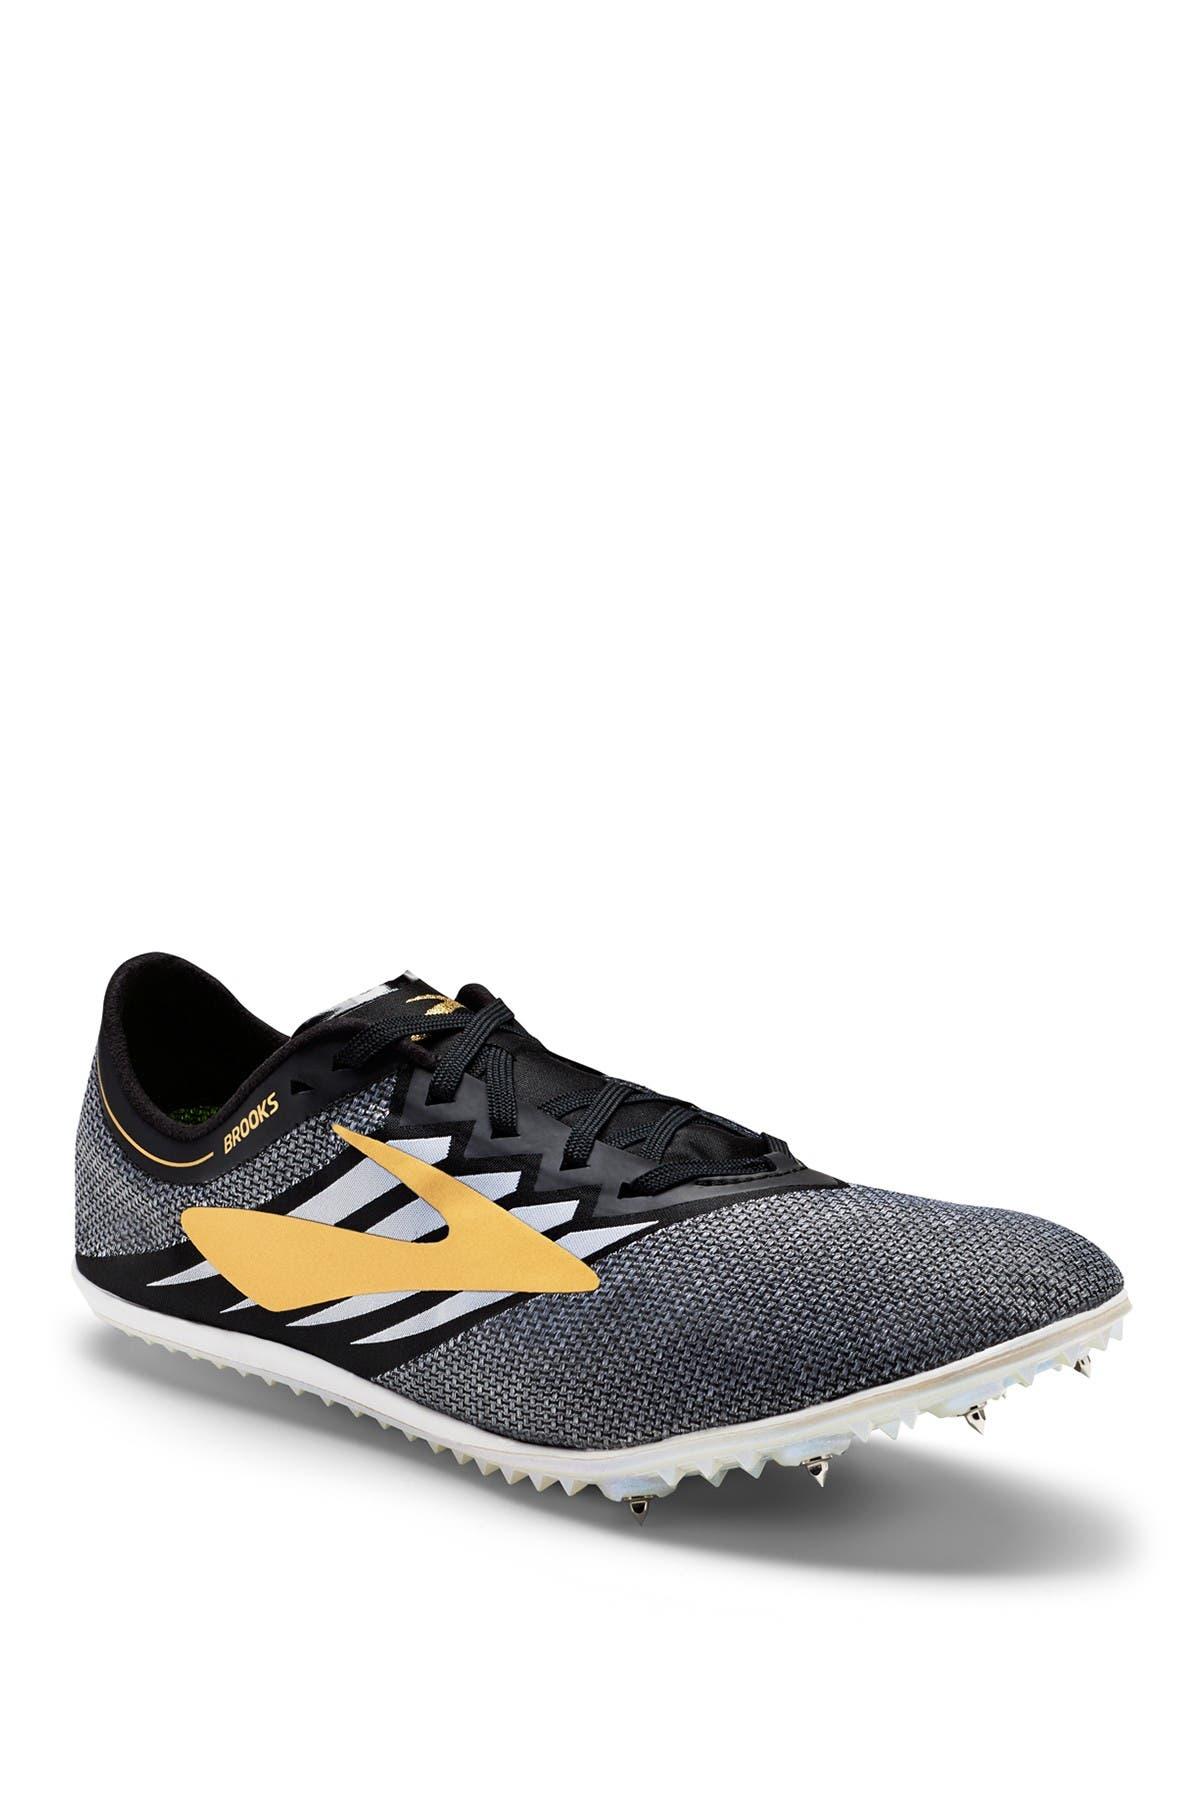 Image of Brooks ELMN8 V4 Running Sneaker